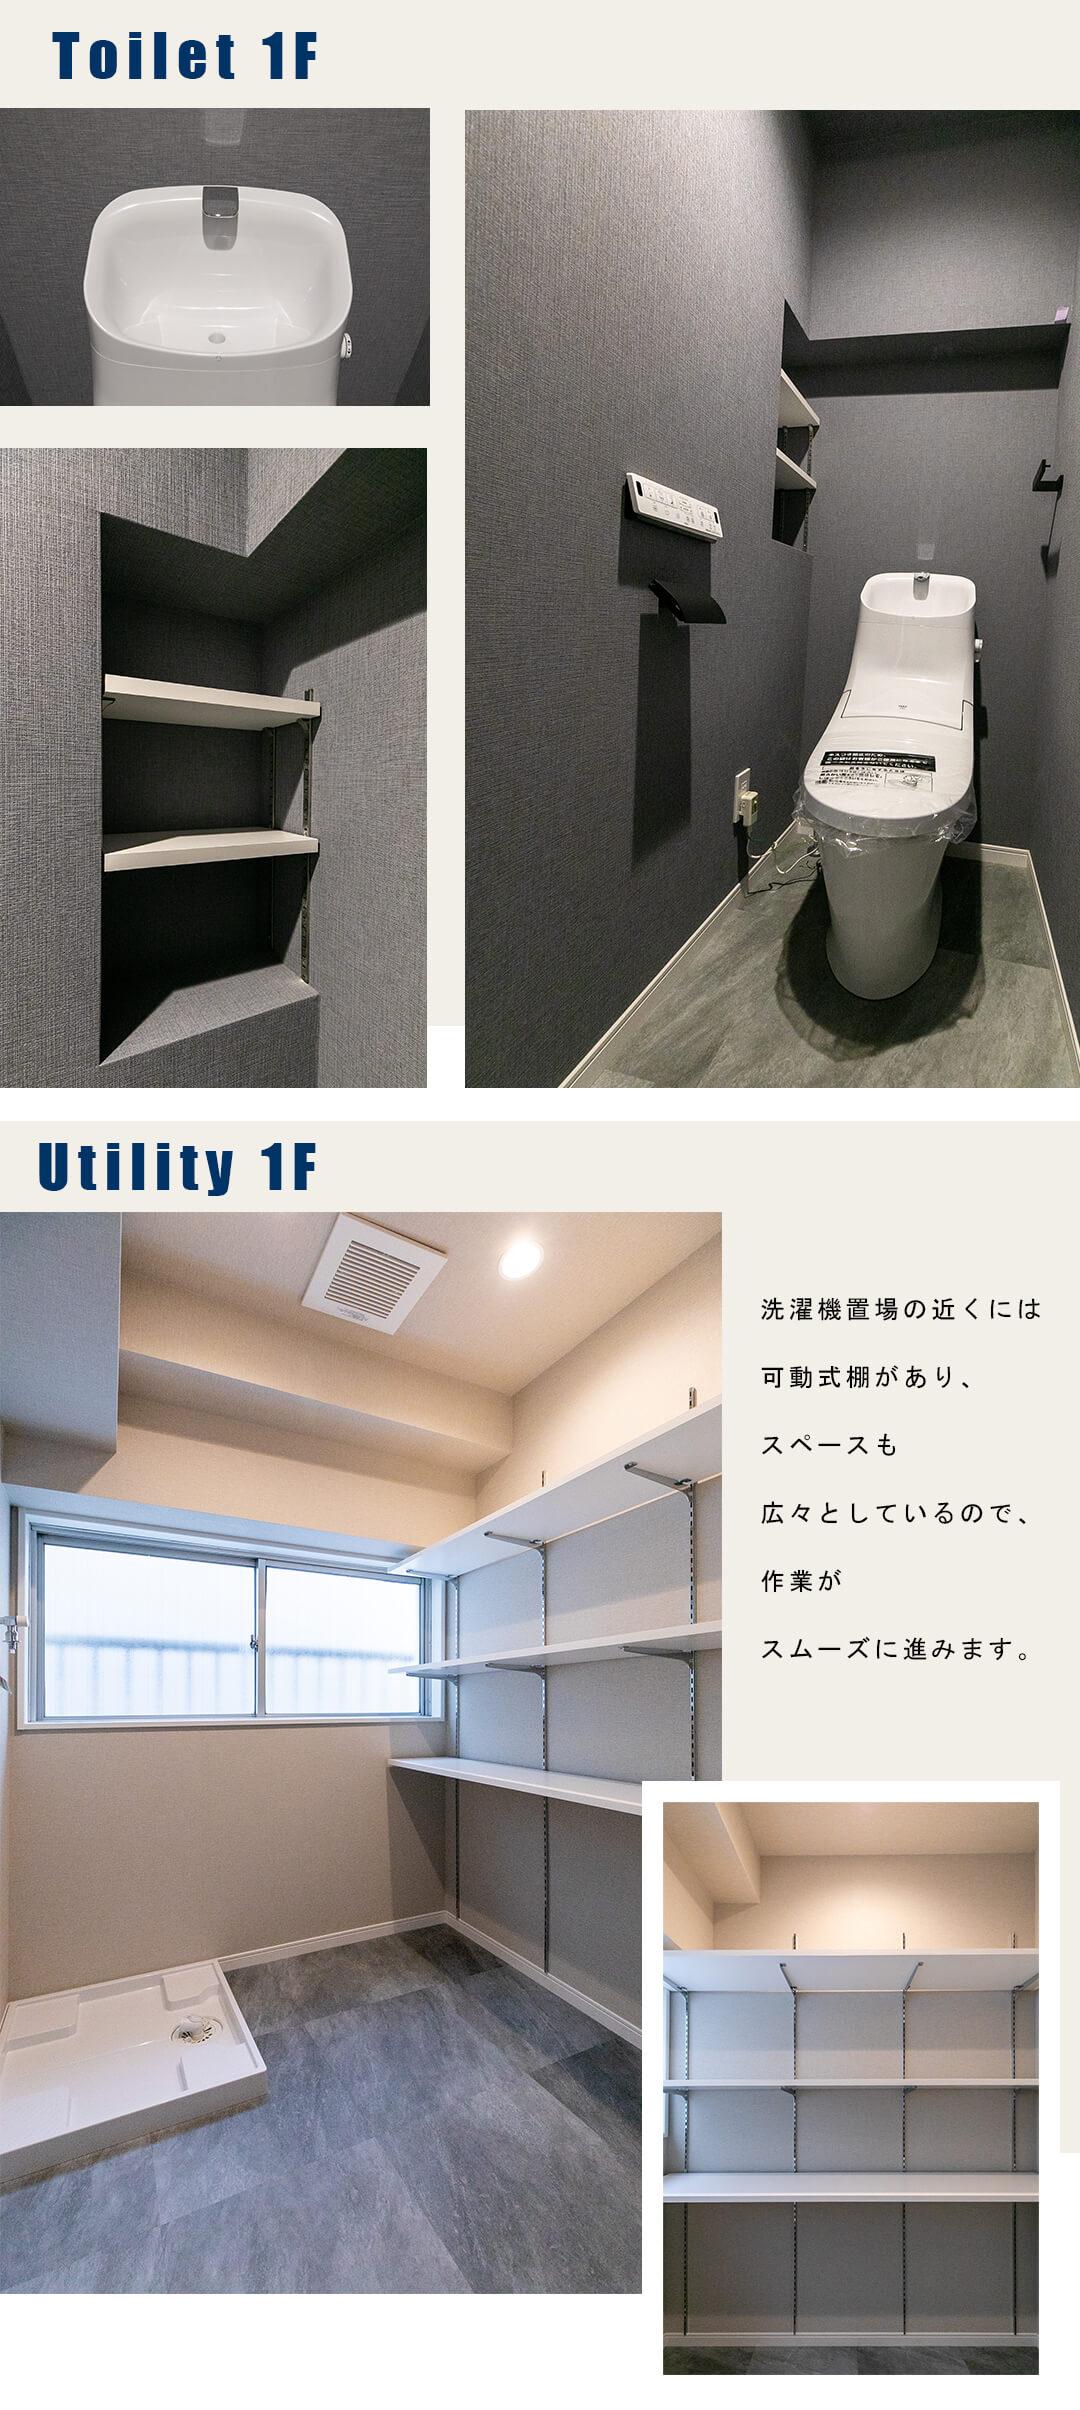 パレドール新宿の1Fユーティリティー